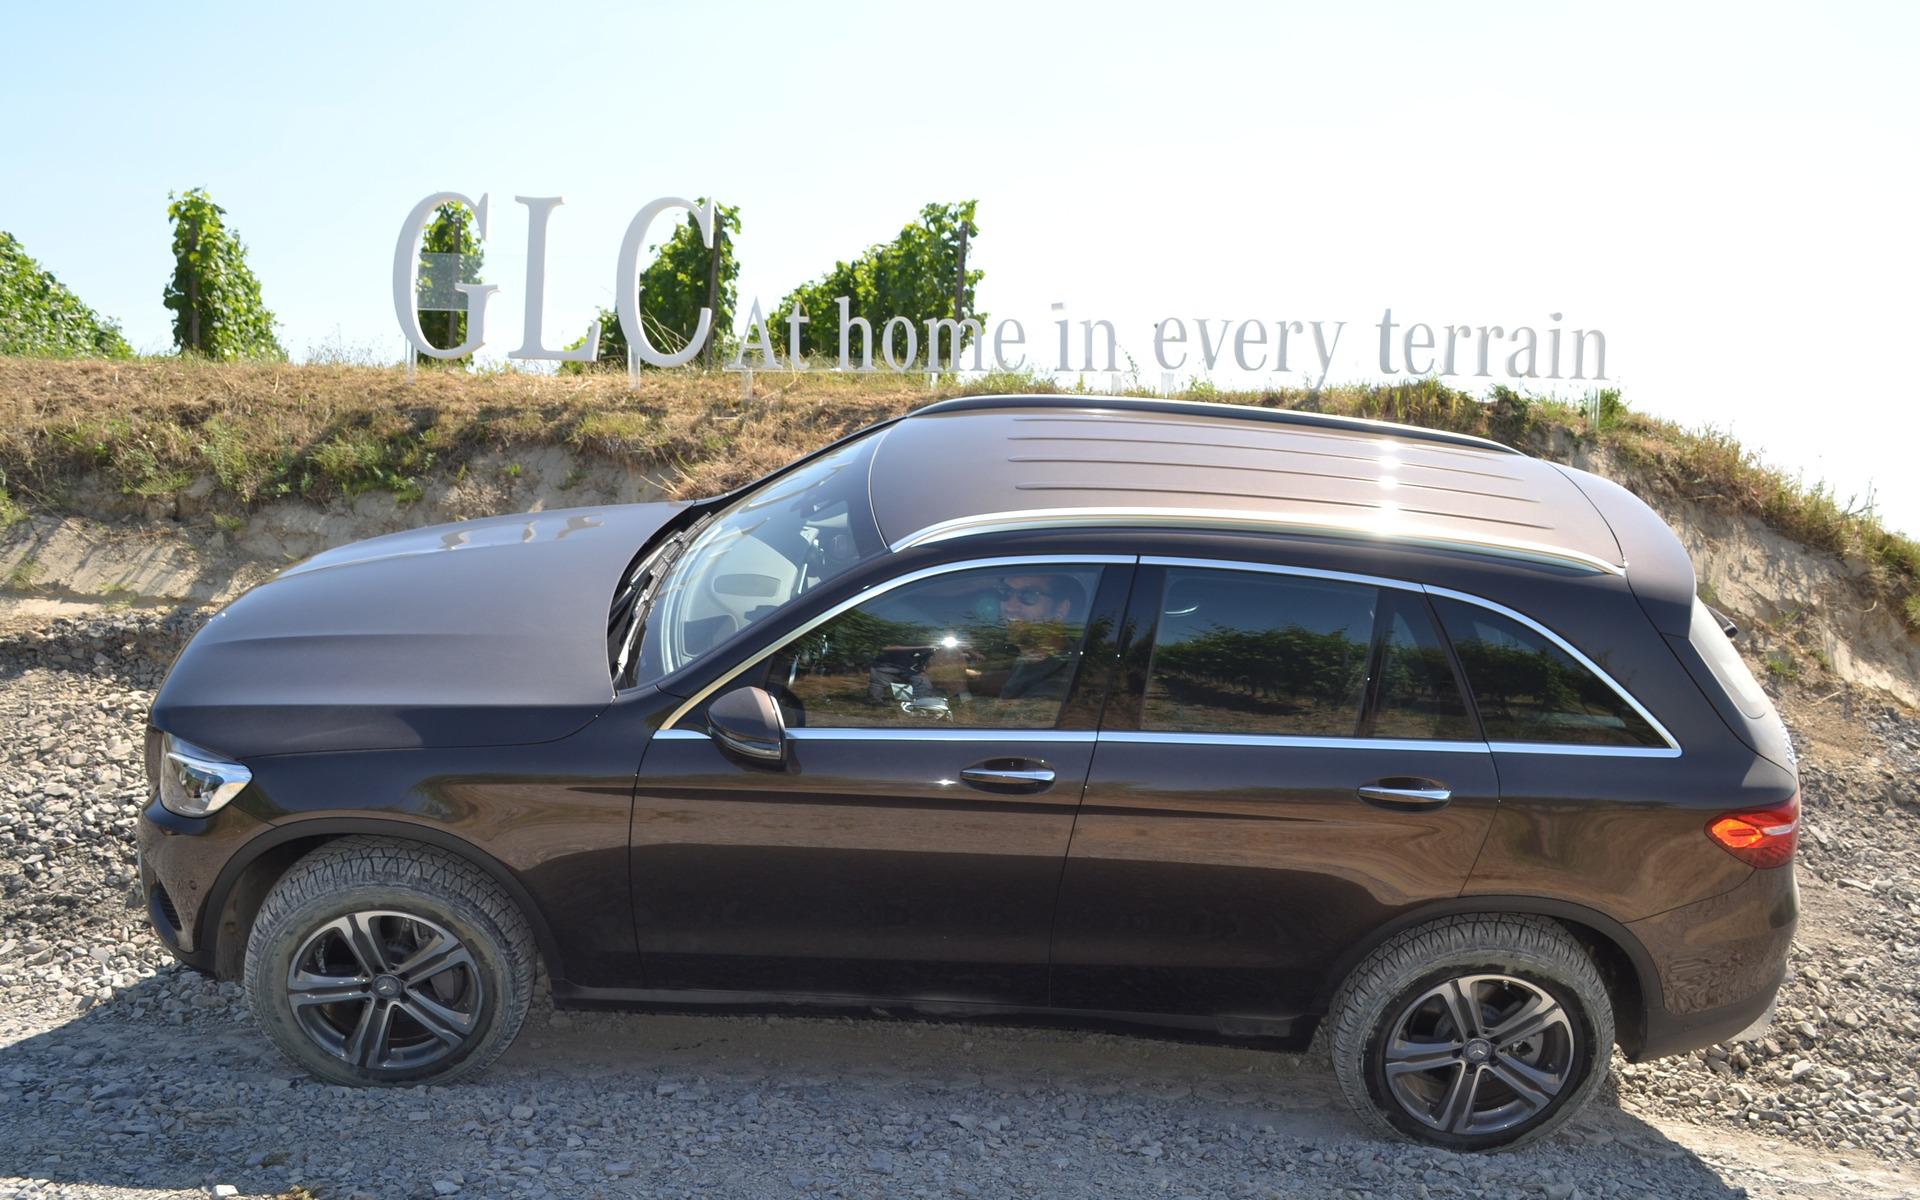 Mercedes Benz Hybrid Vehicles